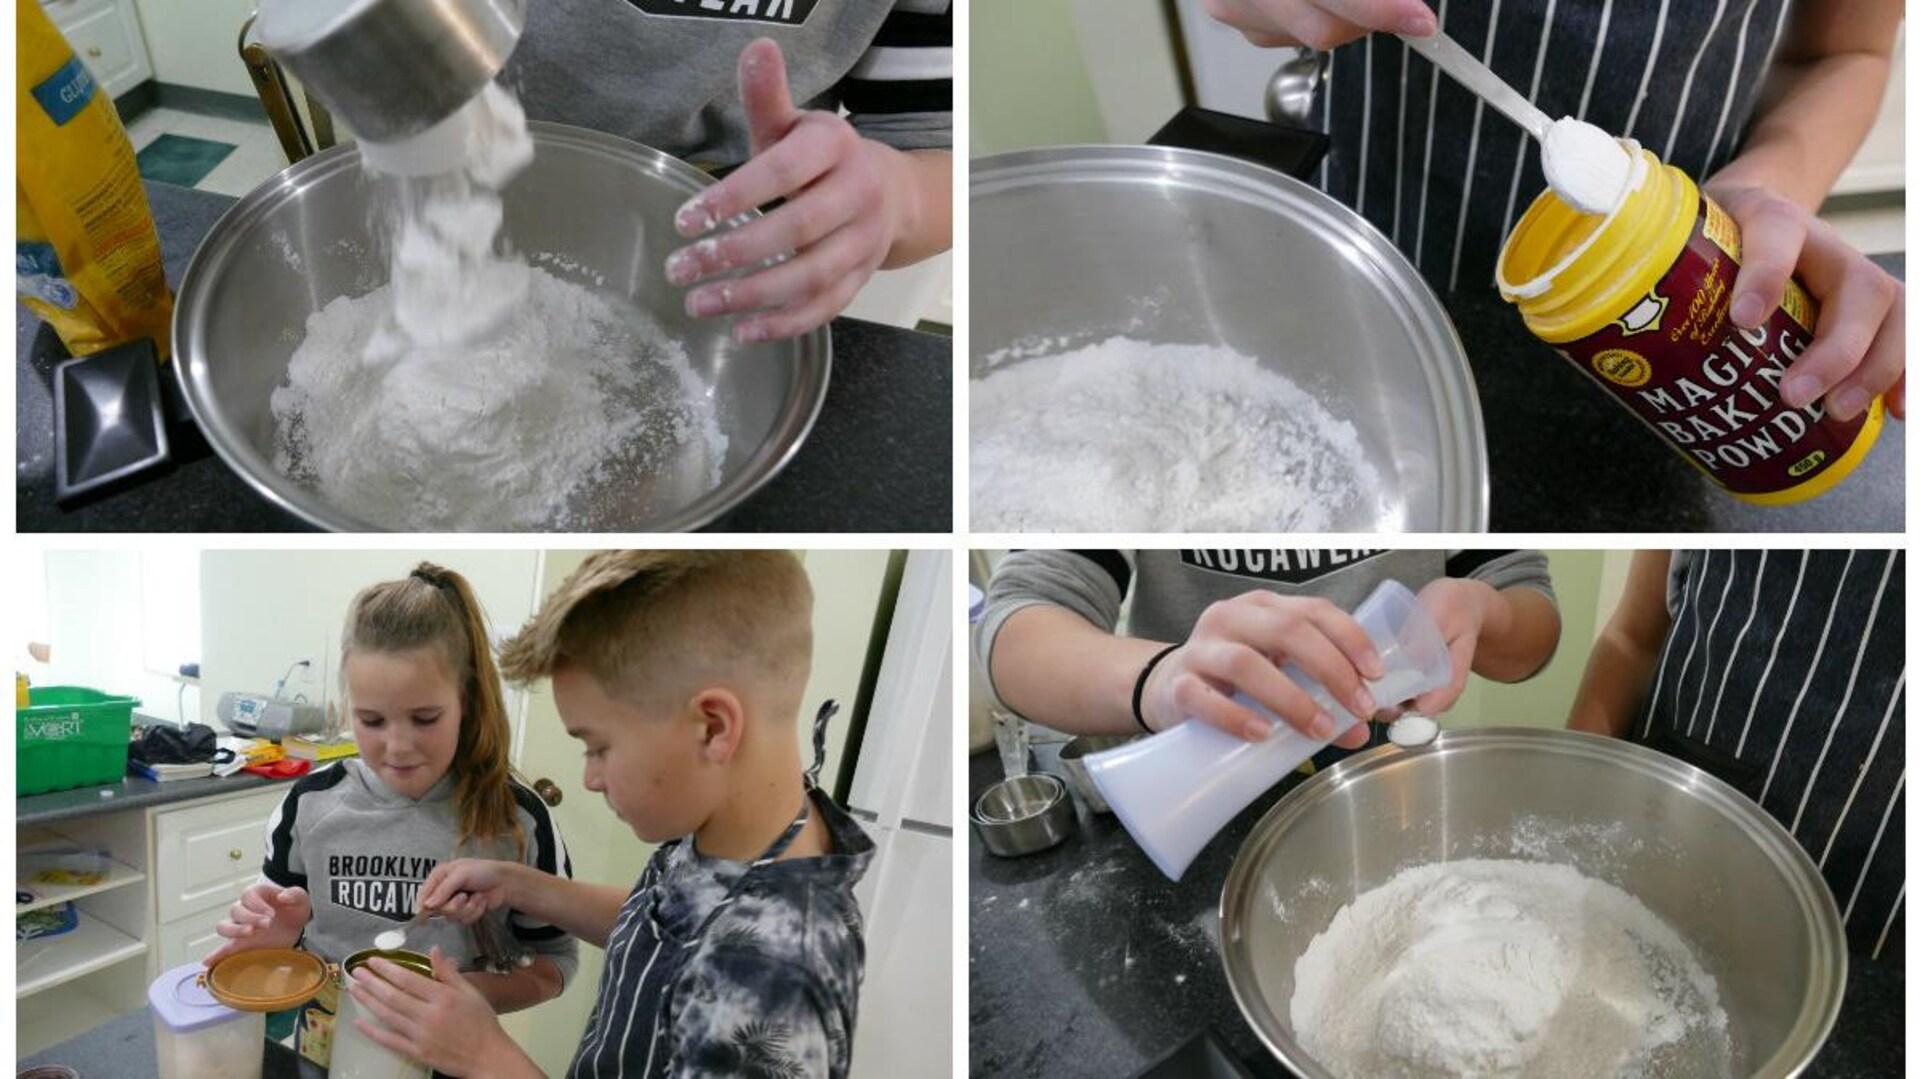 Noah et Abby préparent la pâte à galette avec la farine, le sel le sucre et la poudre à pâte.